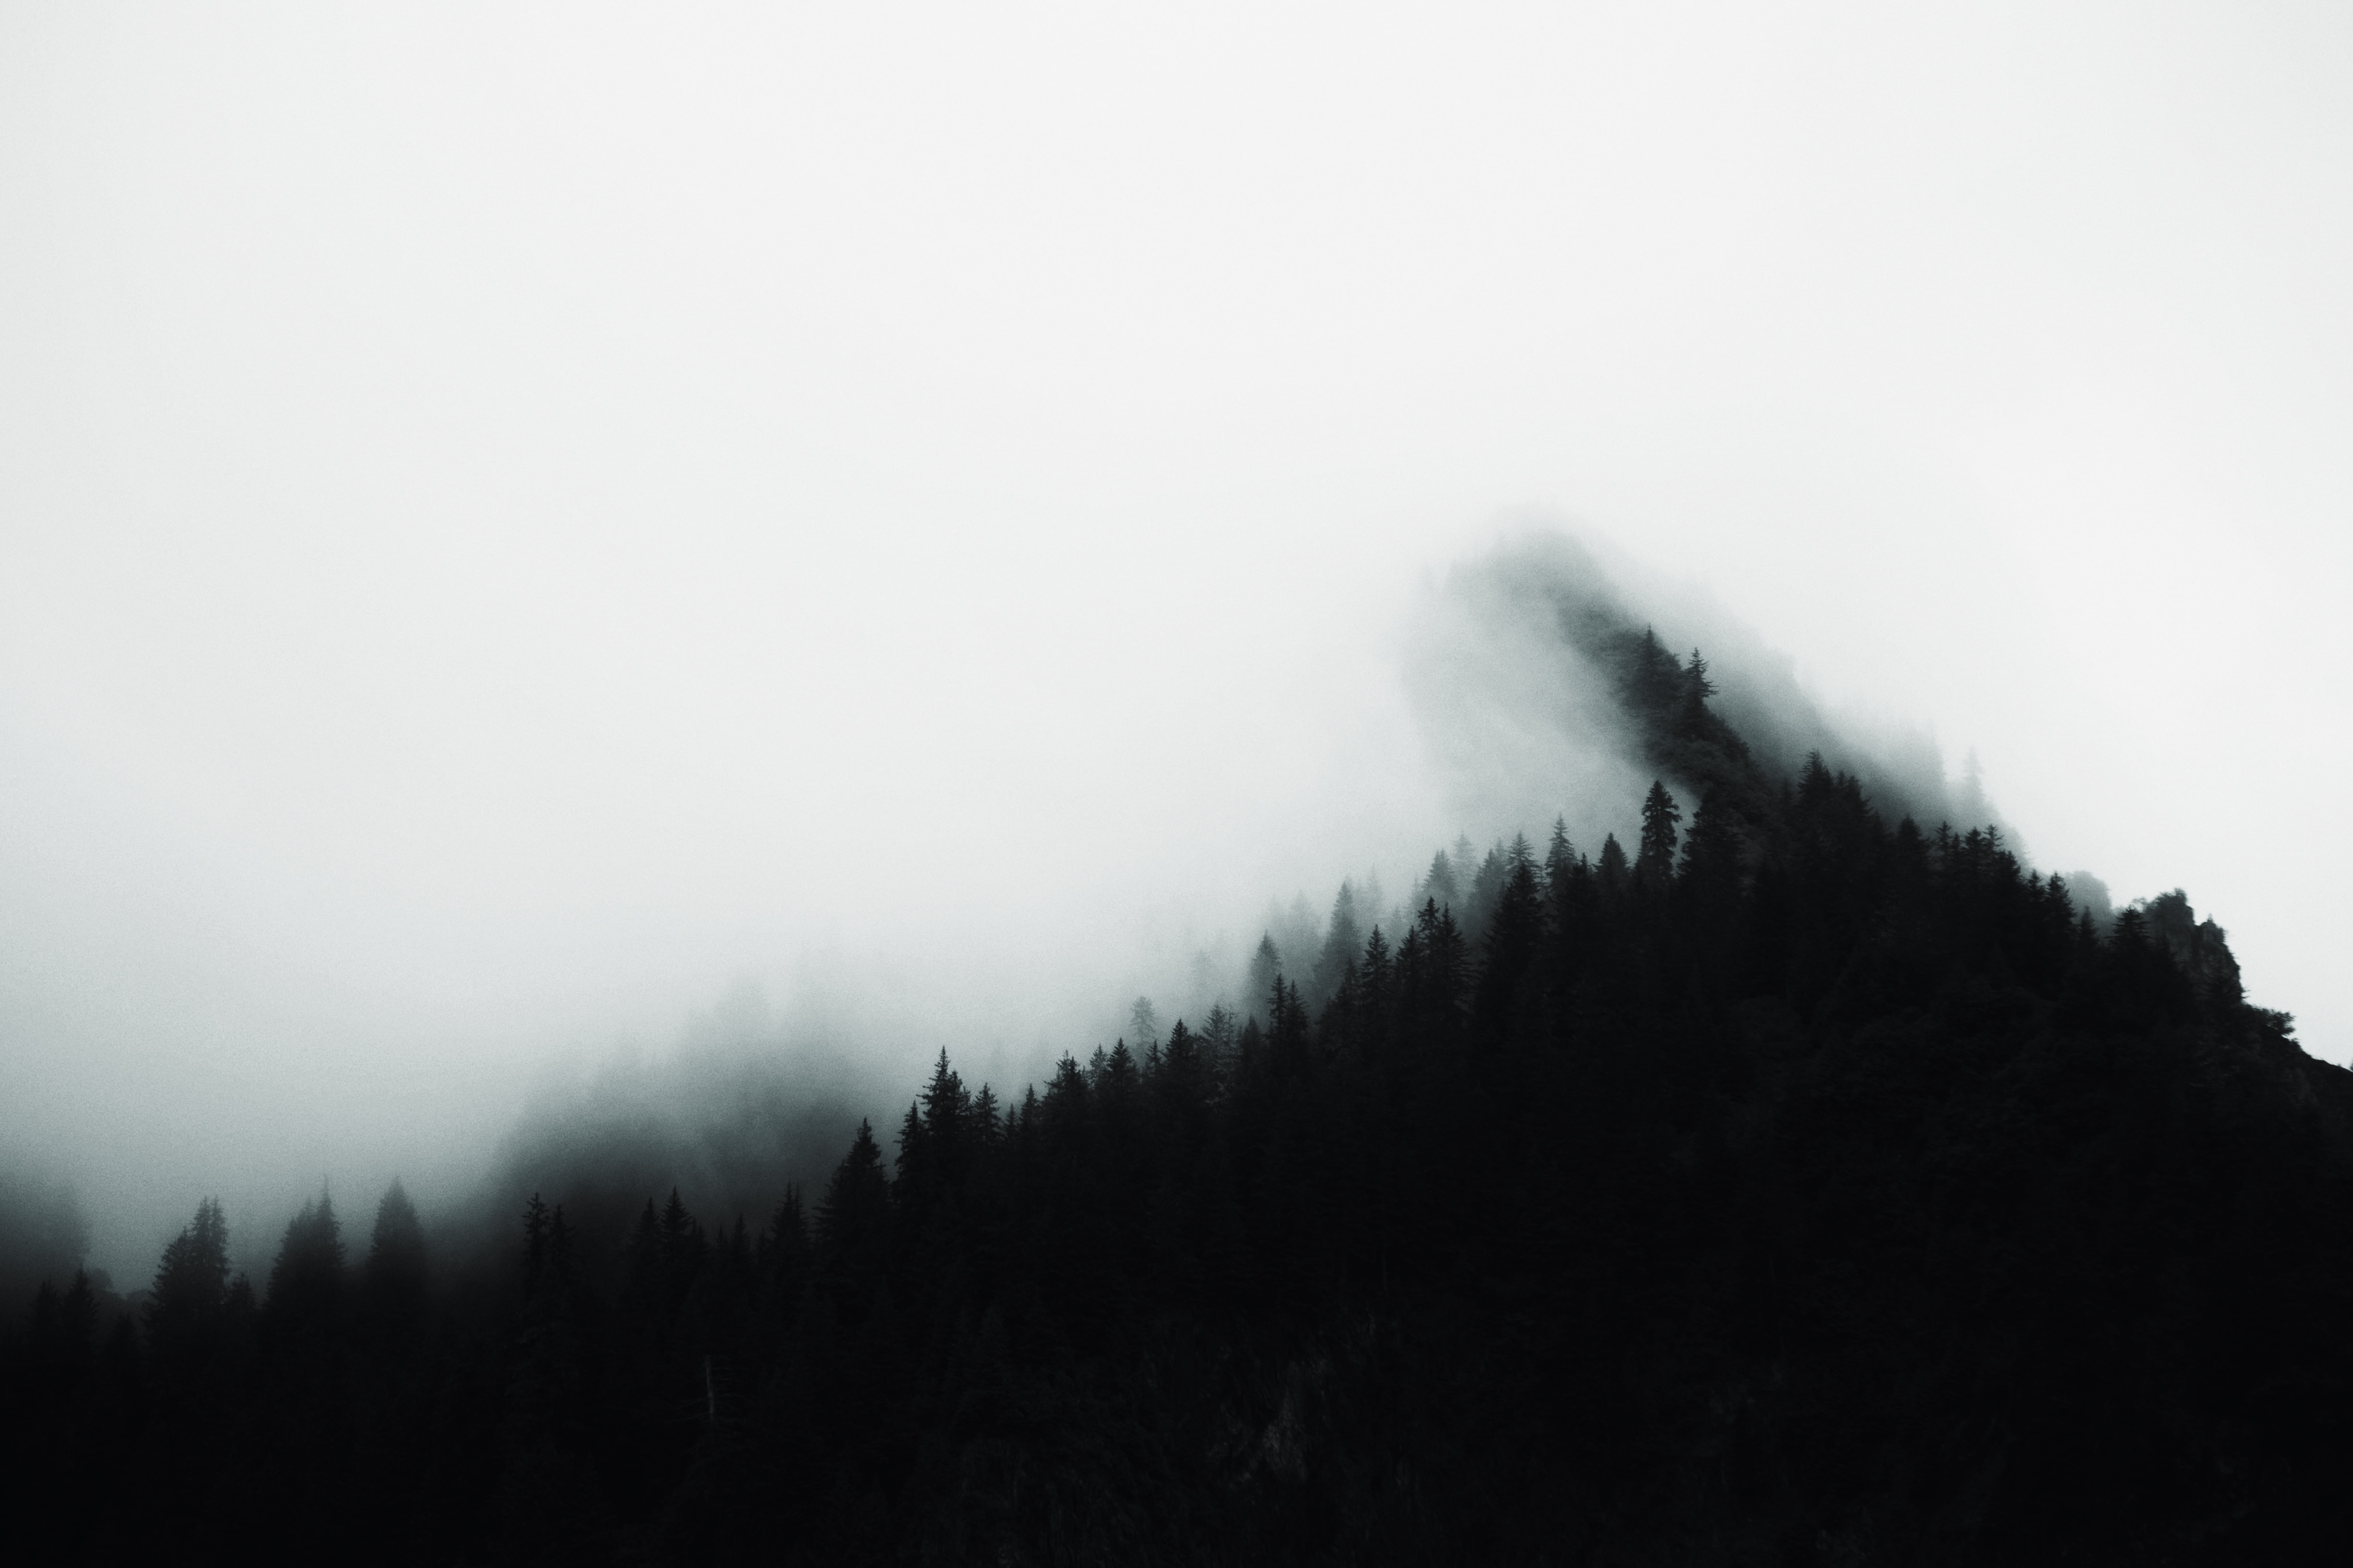 A heavy fog descending on evergreen trees in Kenai Fjords National Park